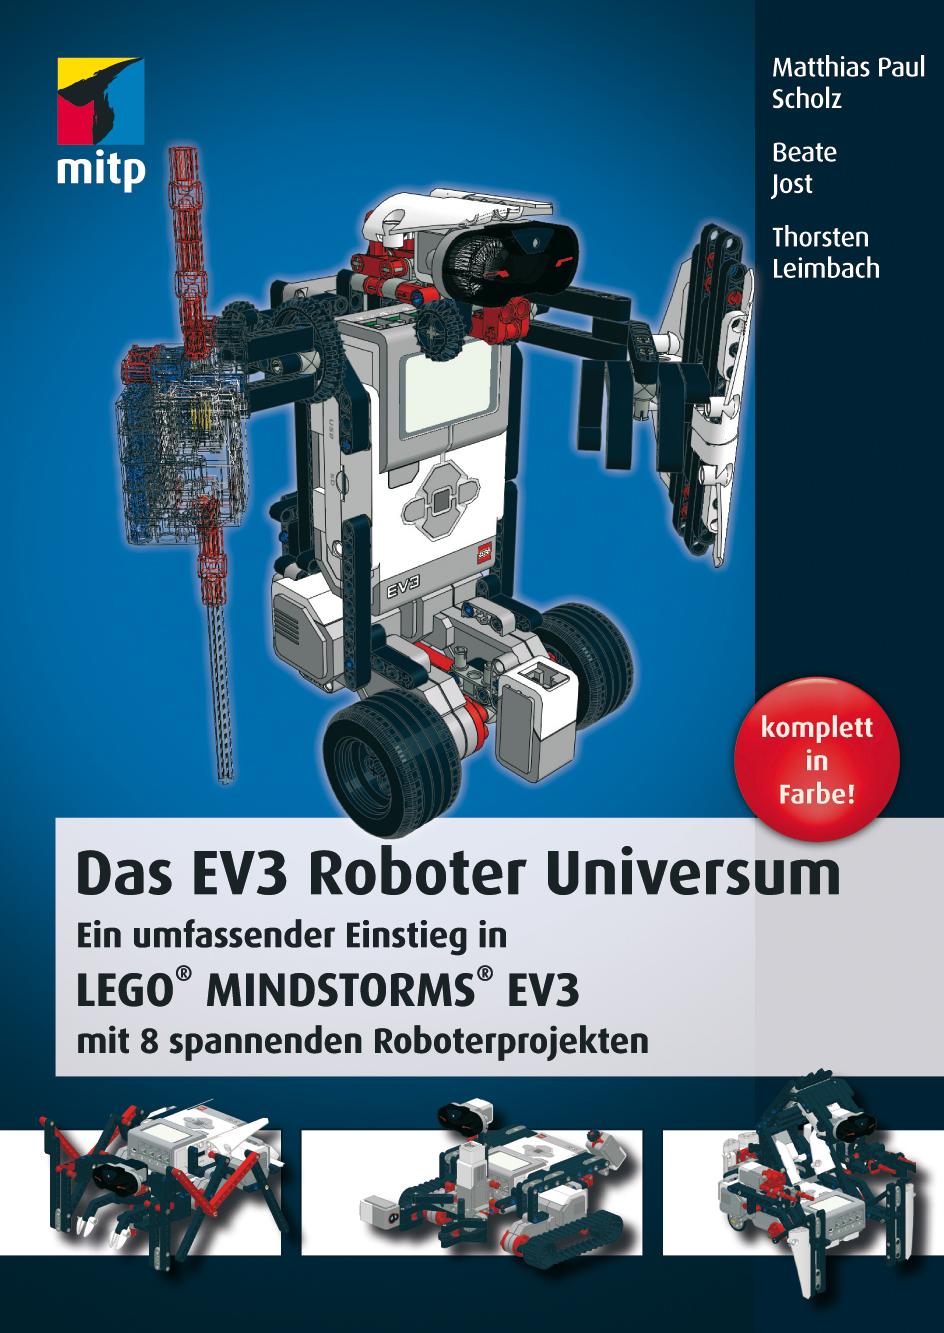 Das EV3 Roboter Universum: Ein umfassender Einstieg in LEGO® MINDSTORMS® EV3 mit 8 spannenden Roboterprojekten - Matthia